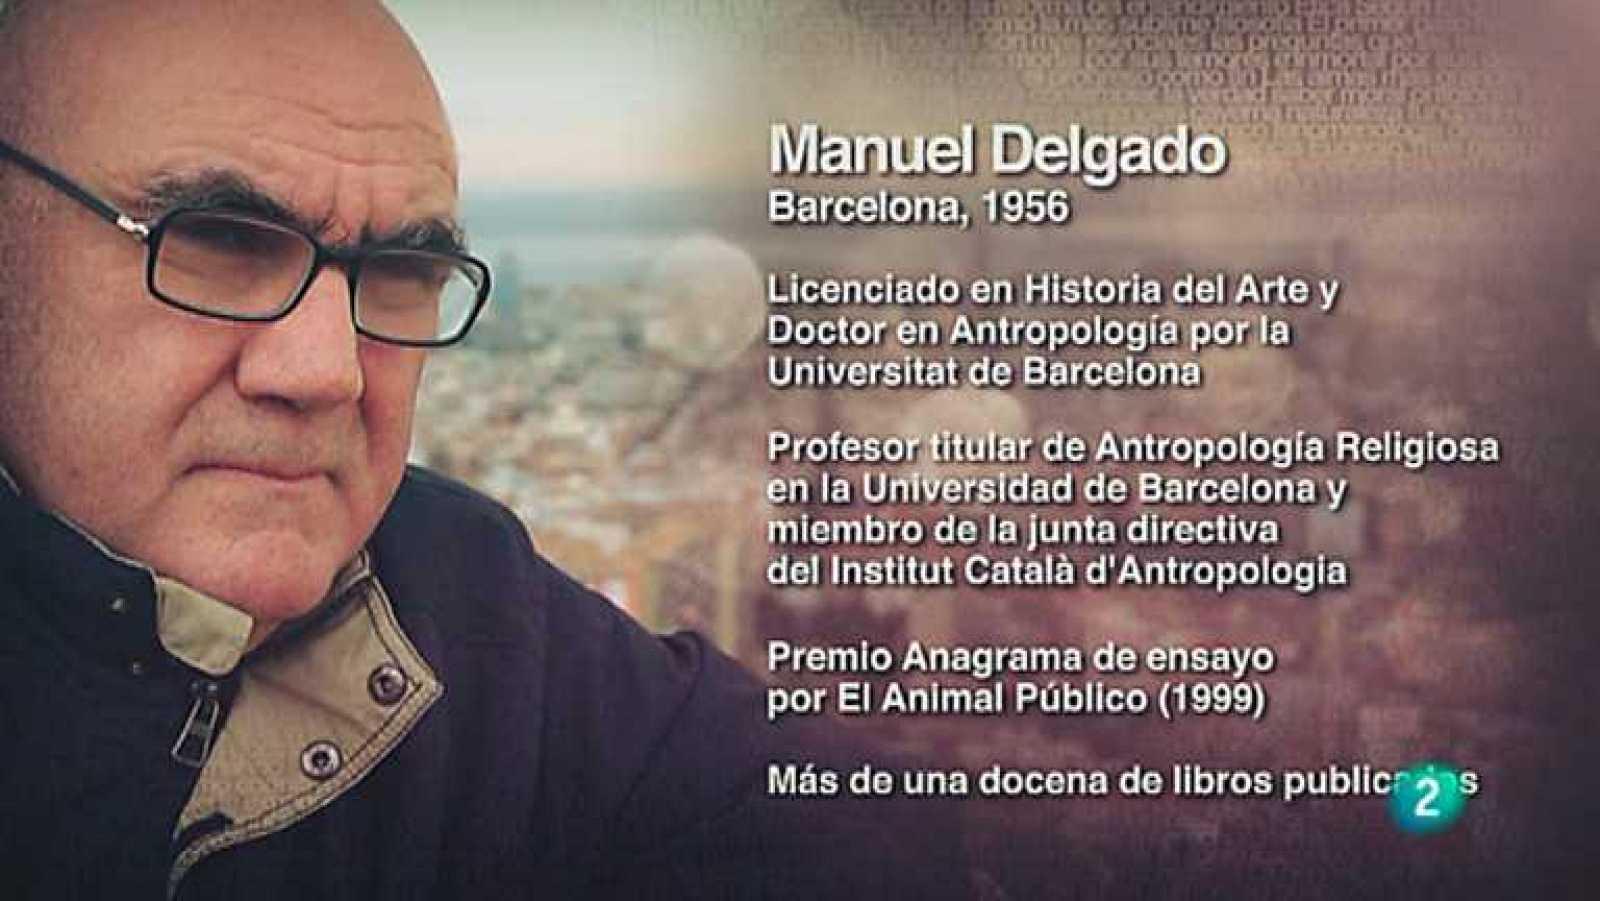 Pienso, luego existo - Manuel Delgado - Ver ahora